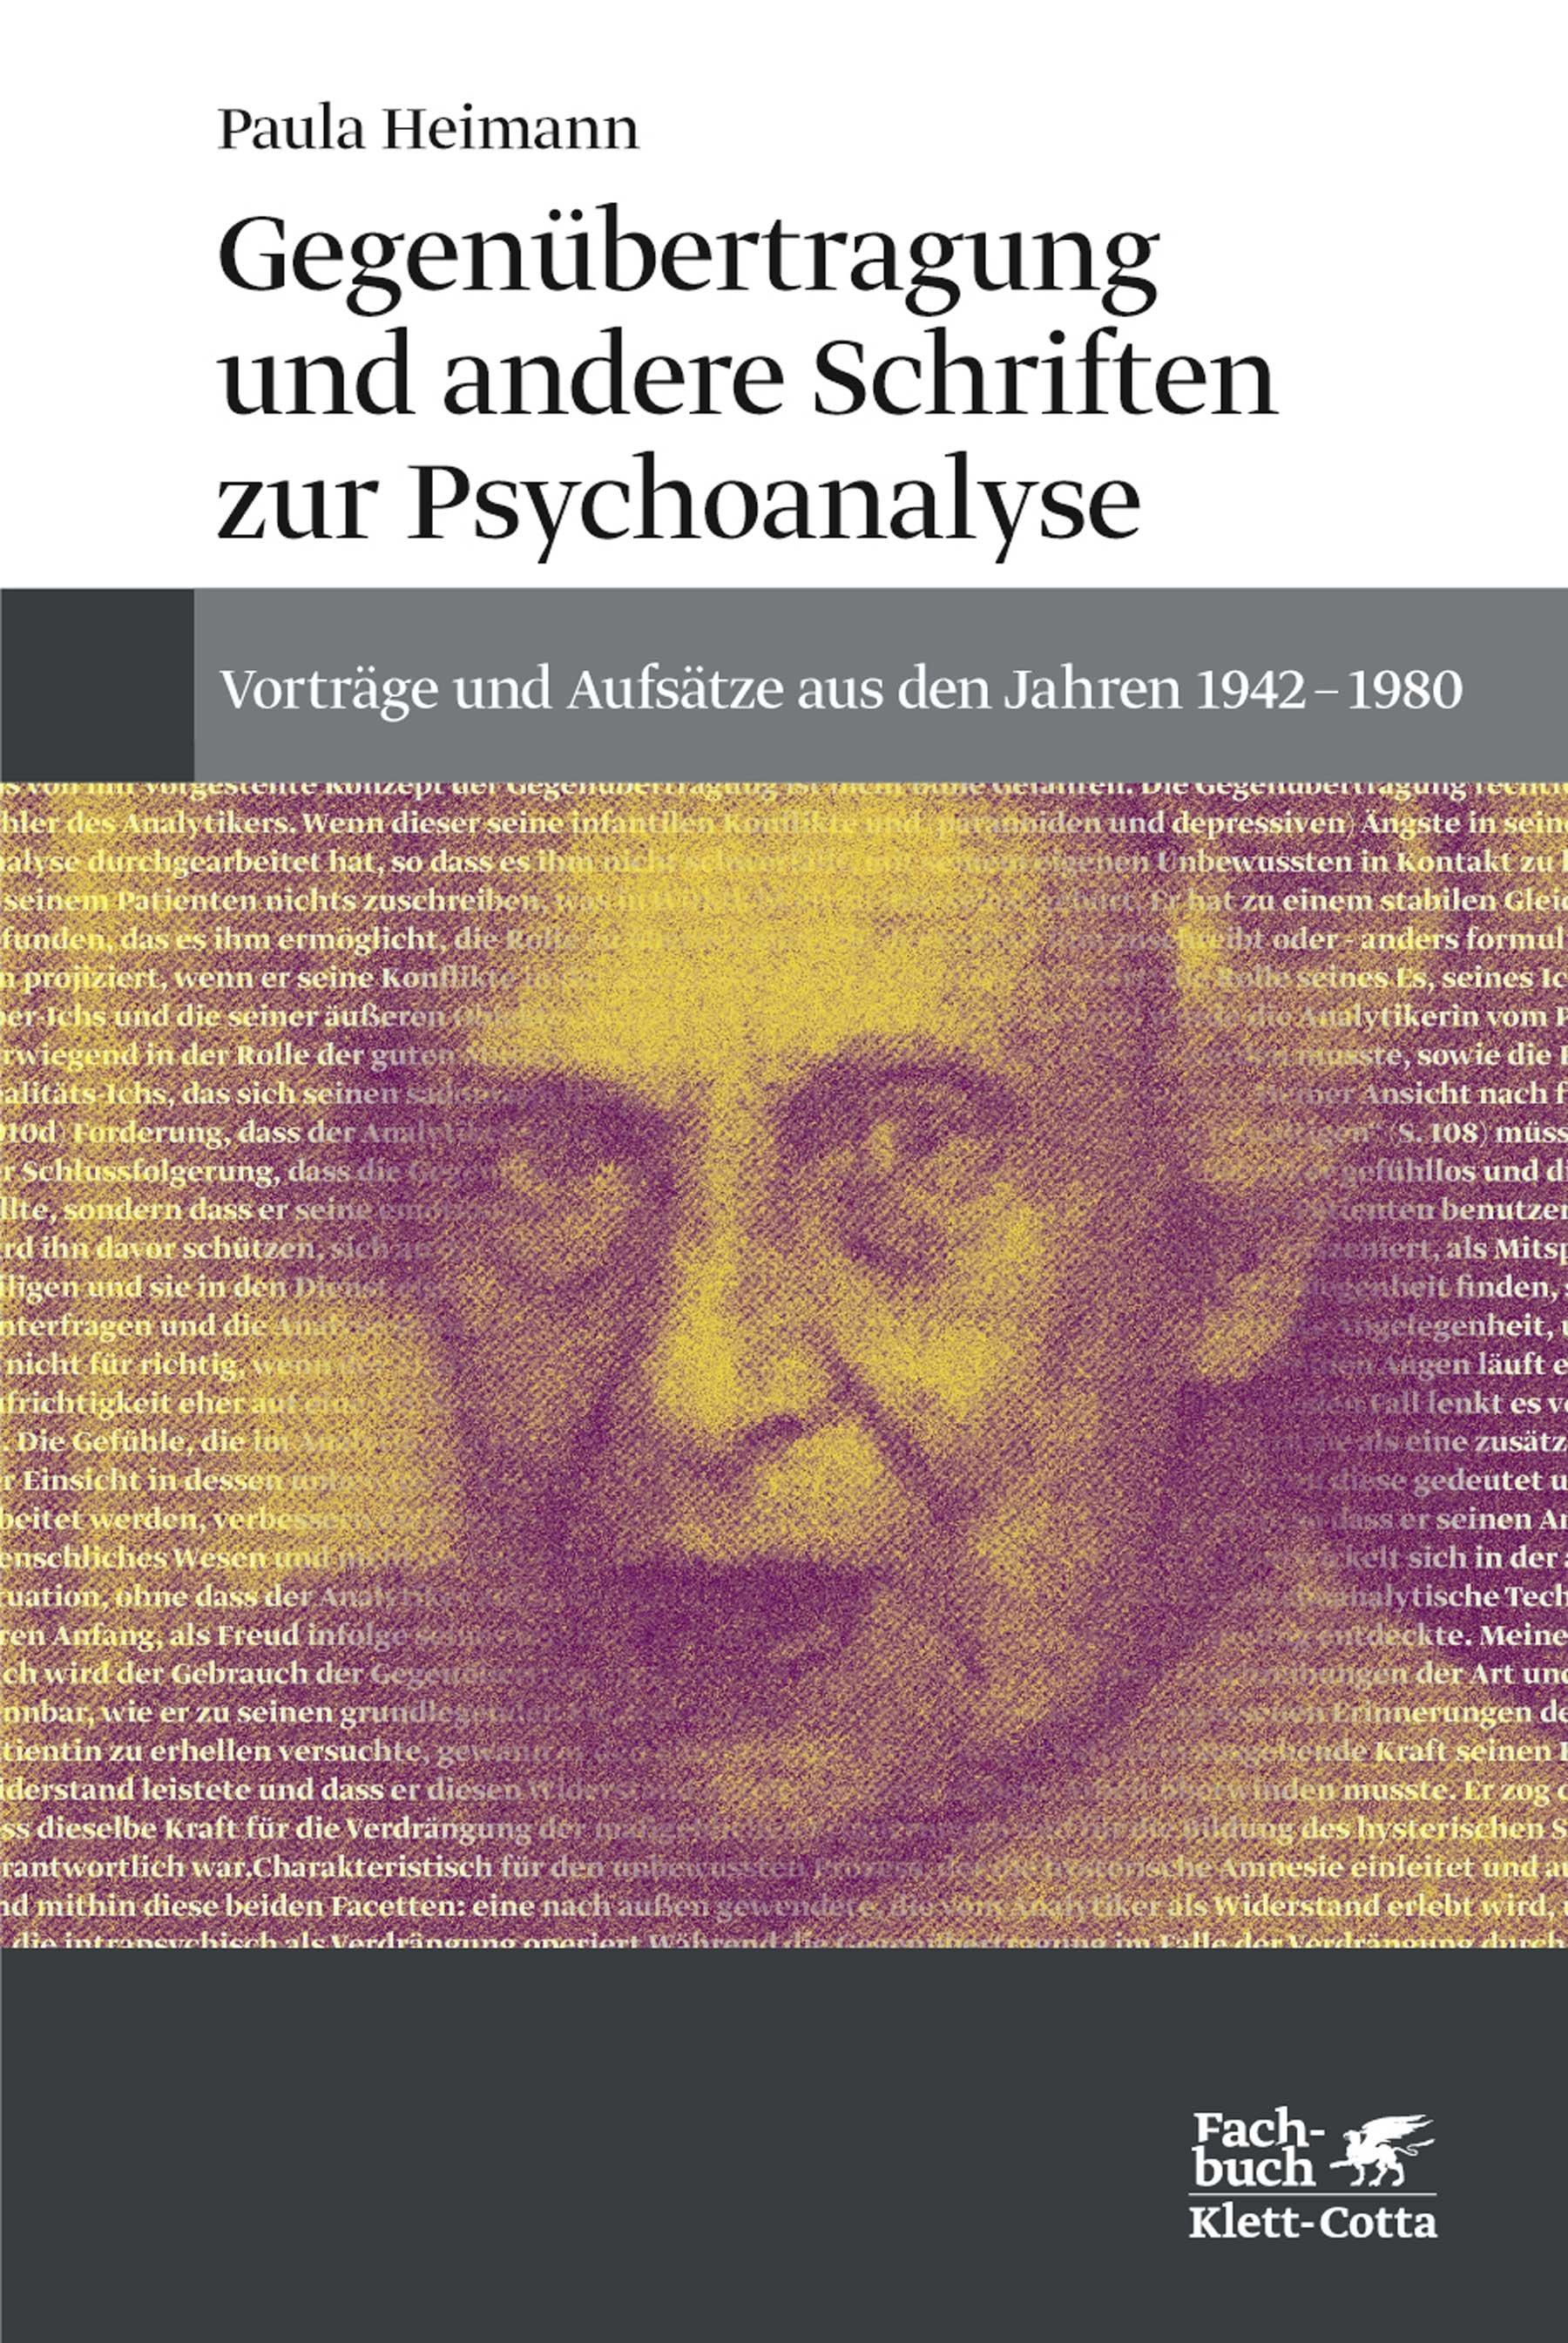 Gegenübertragung und andere Schriften zur Psychoanalyse